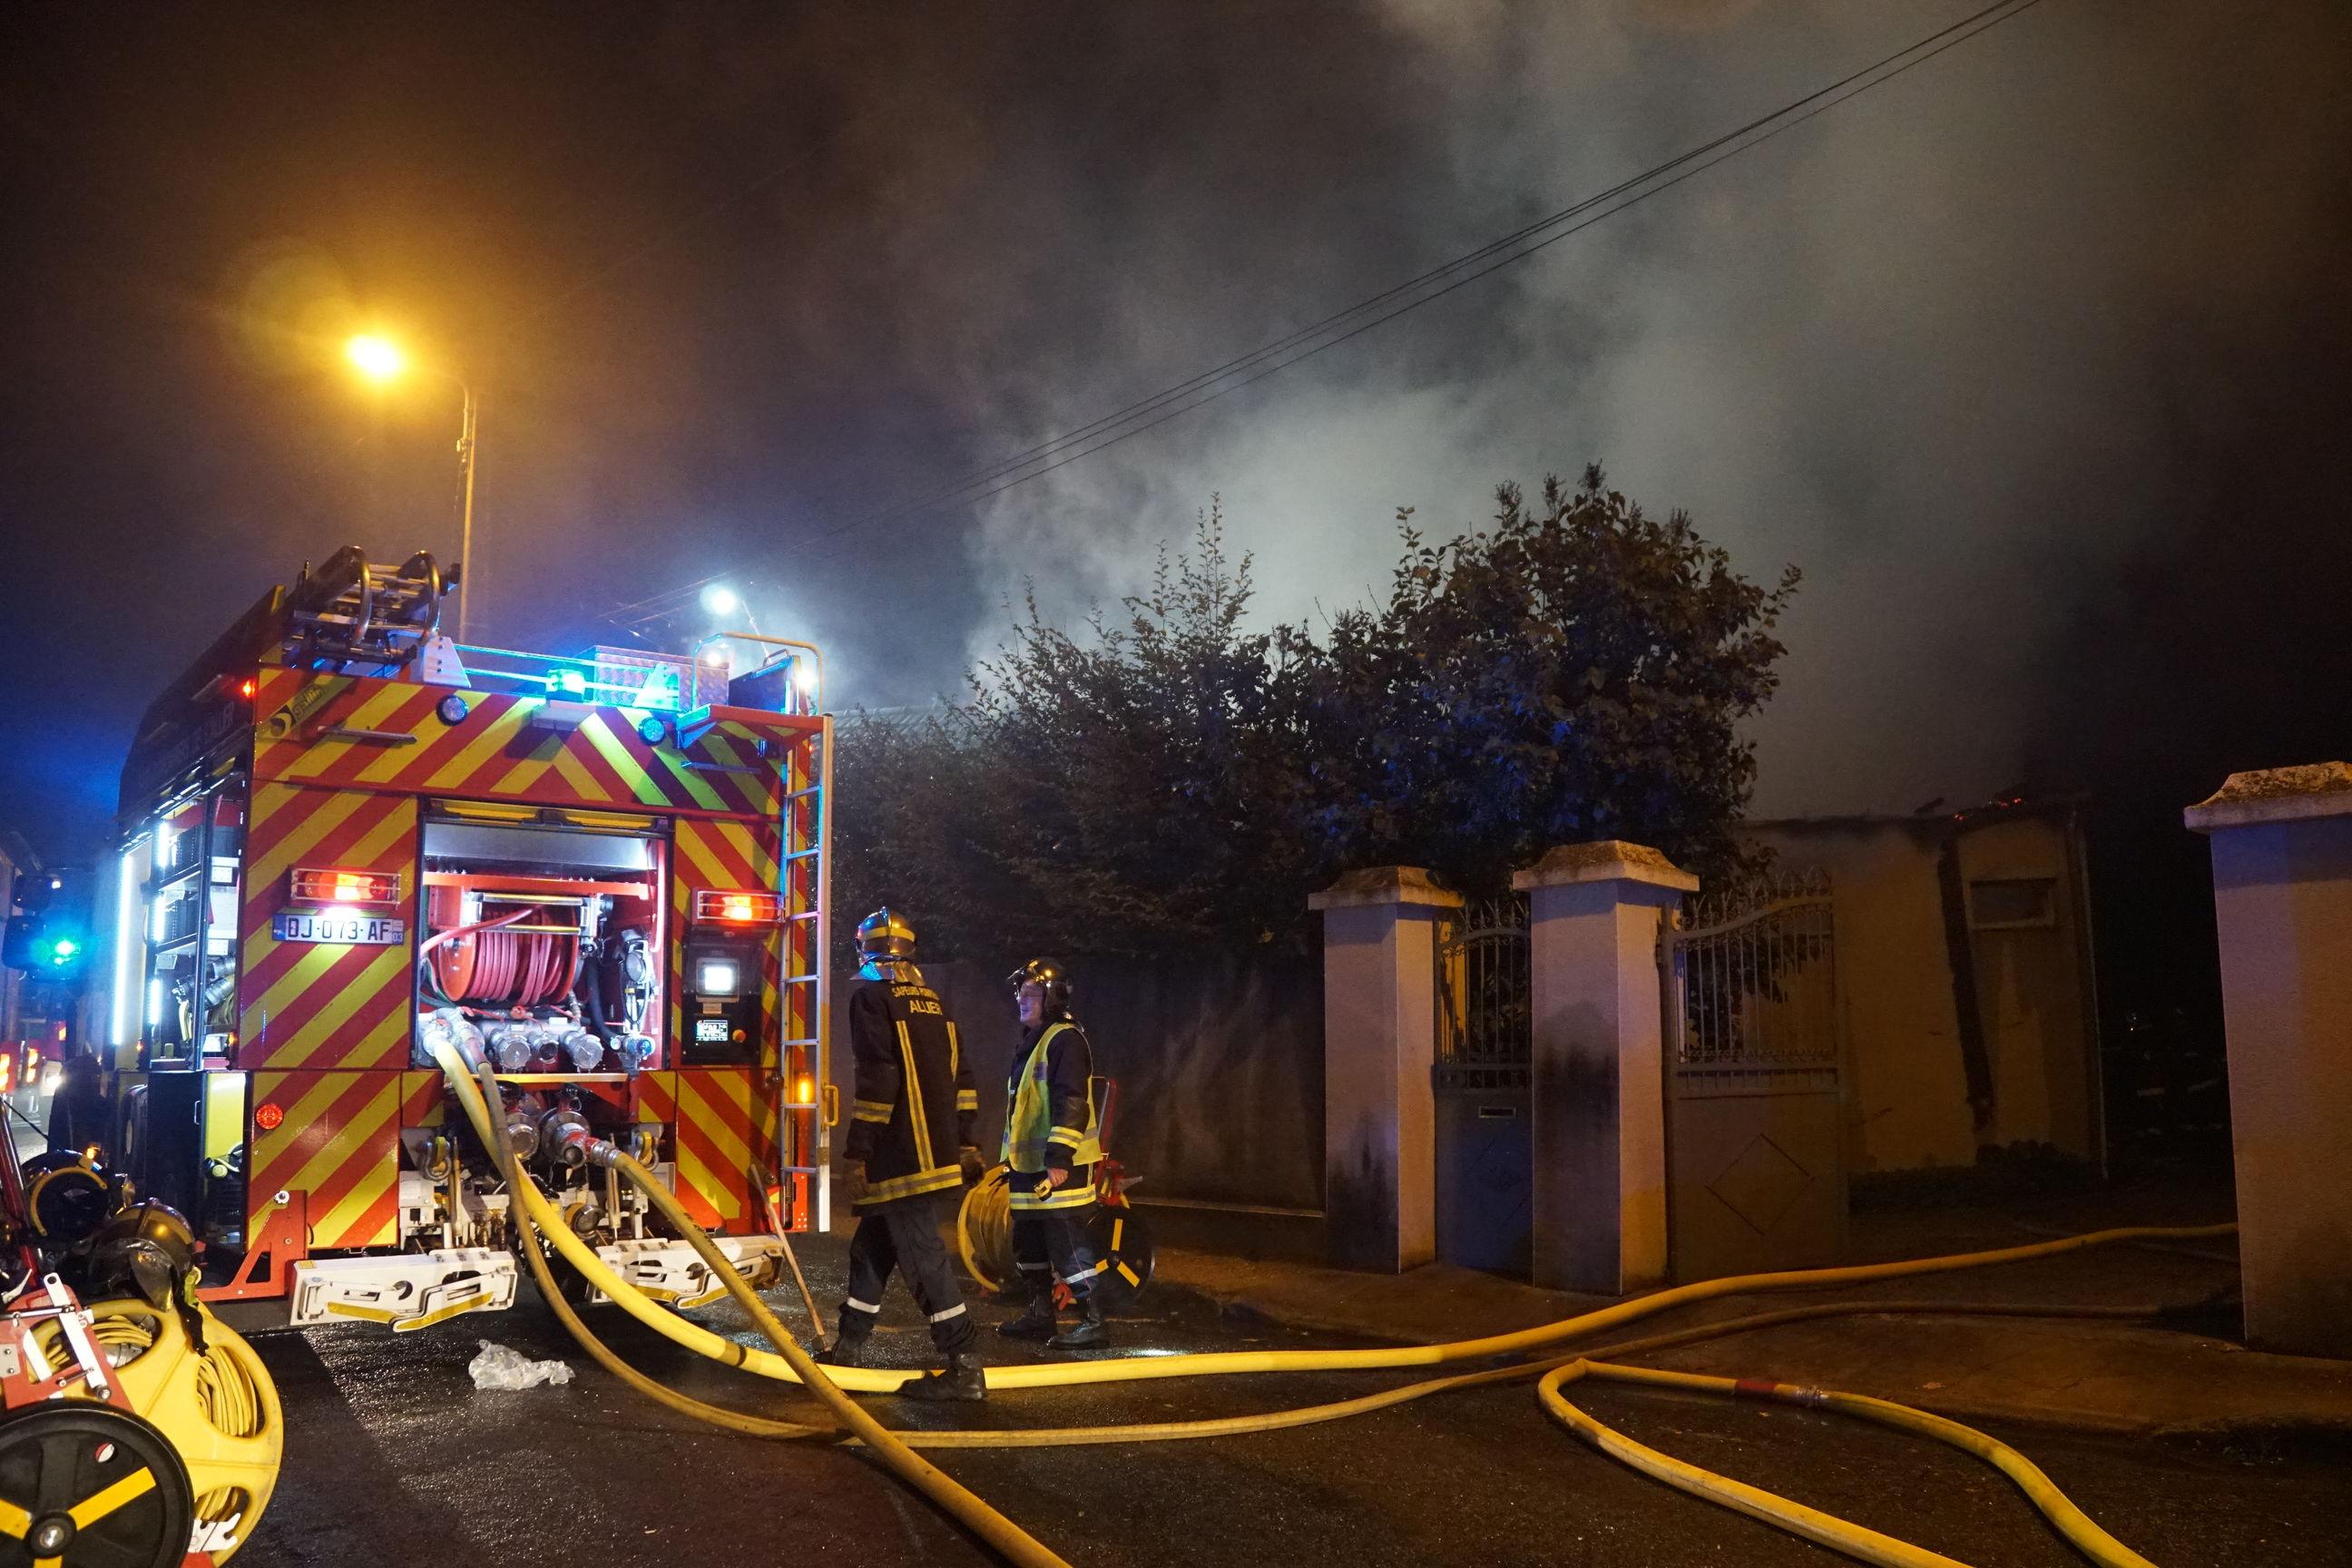 Incendie Rue Gaspard Roux | Moulins [VIDEO]